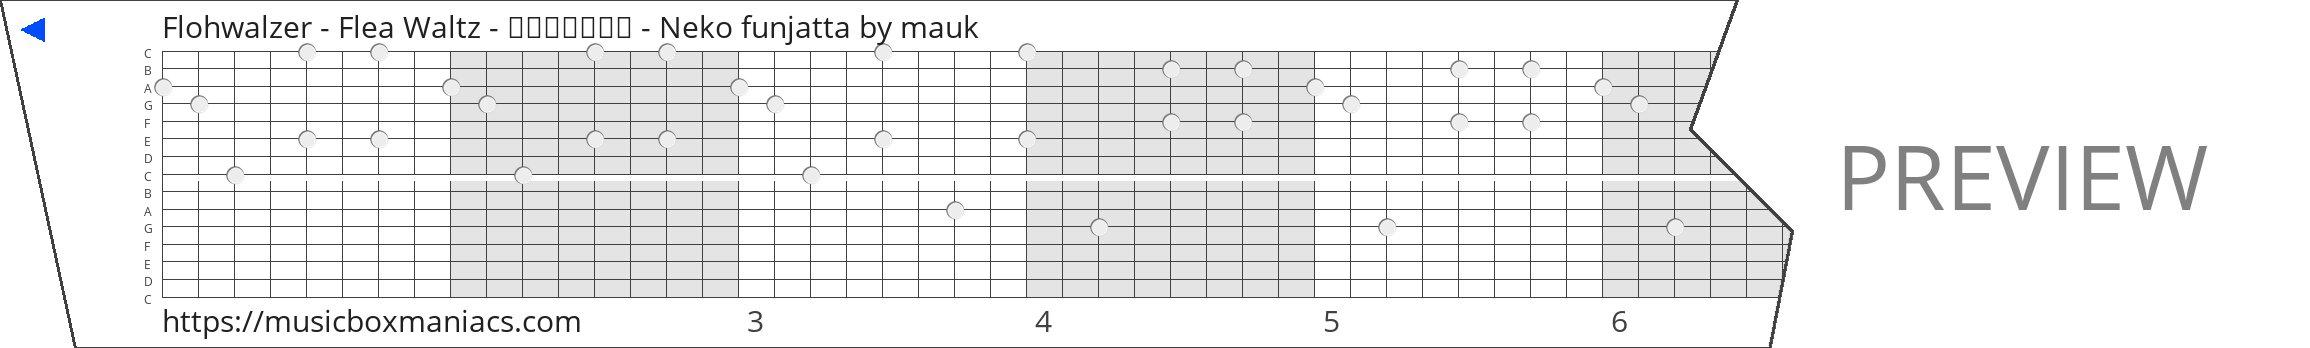 Flohwalzer - Flea Waltz - 猫踏んじゃった - Neko funjatta 15 note music box paper strip